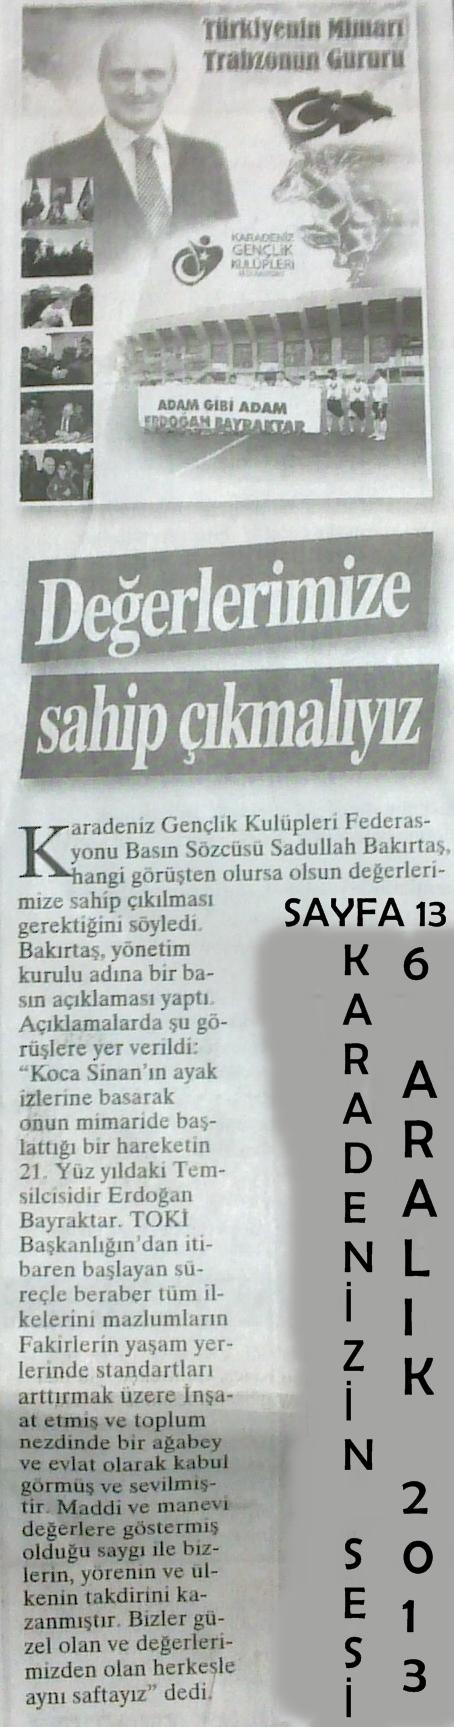 Erdoğan Bayraktar Açıklamsı-3